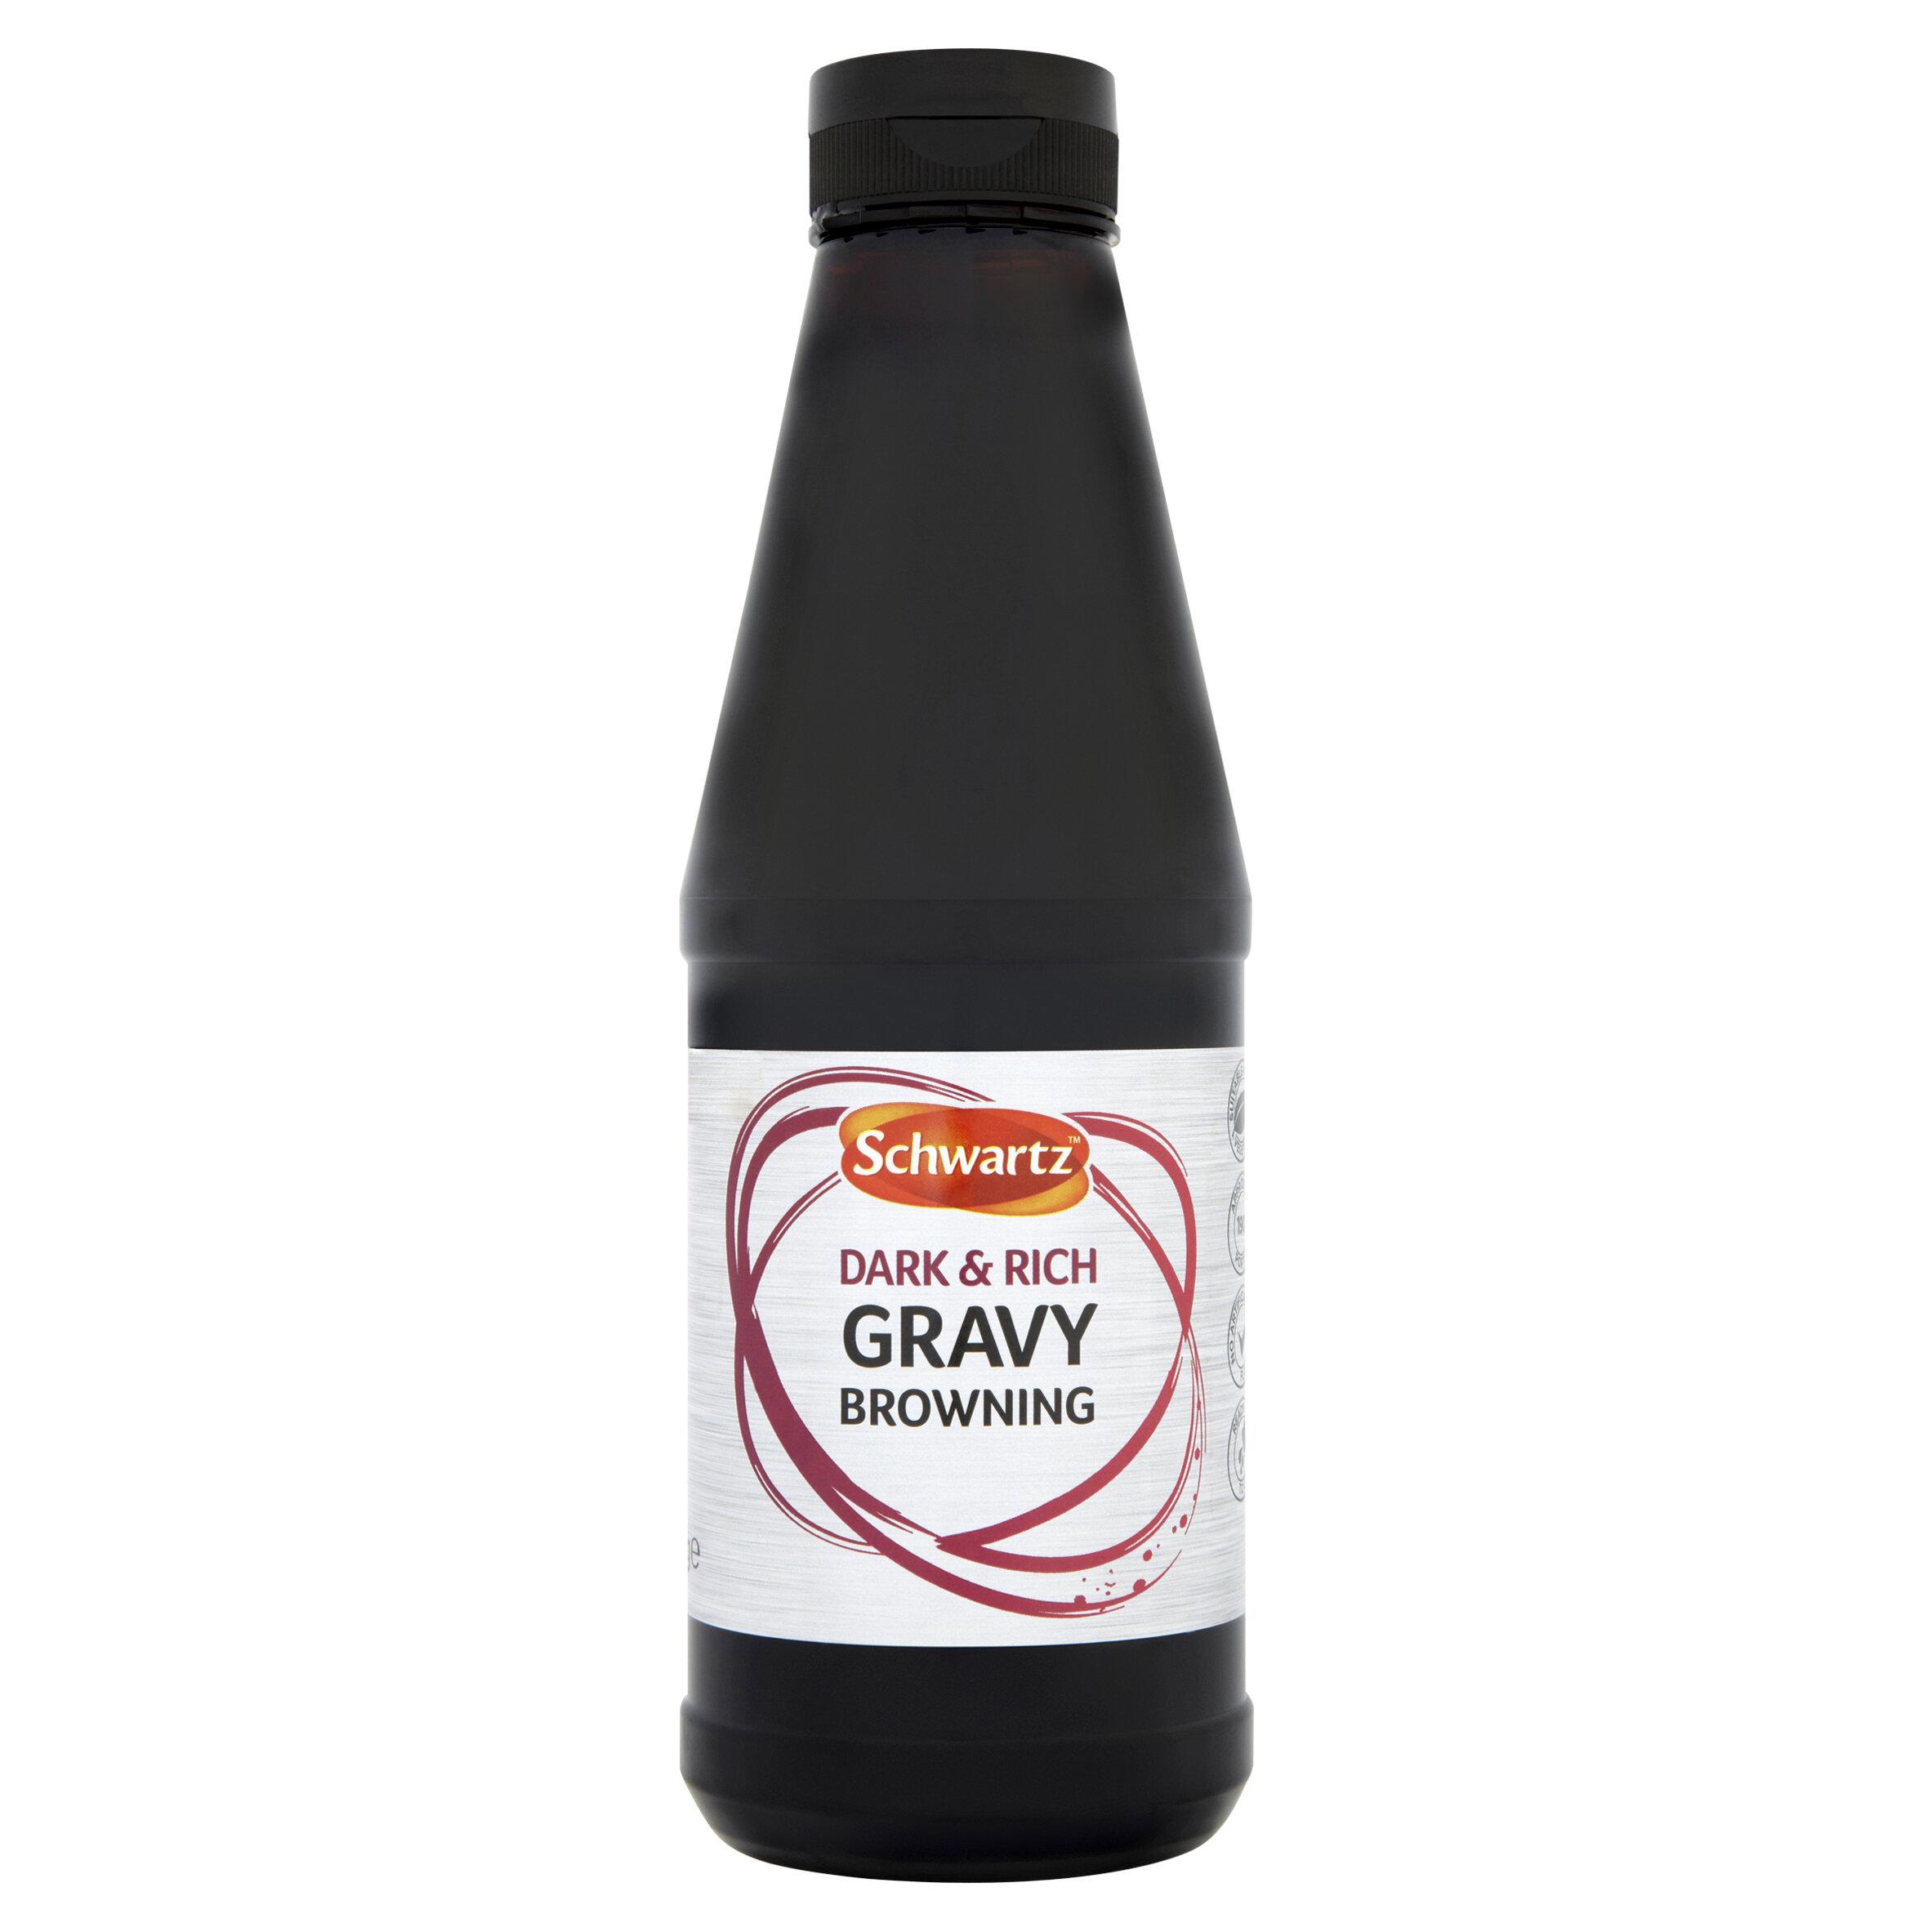 Gravy Browning 950g